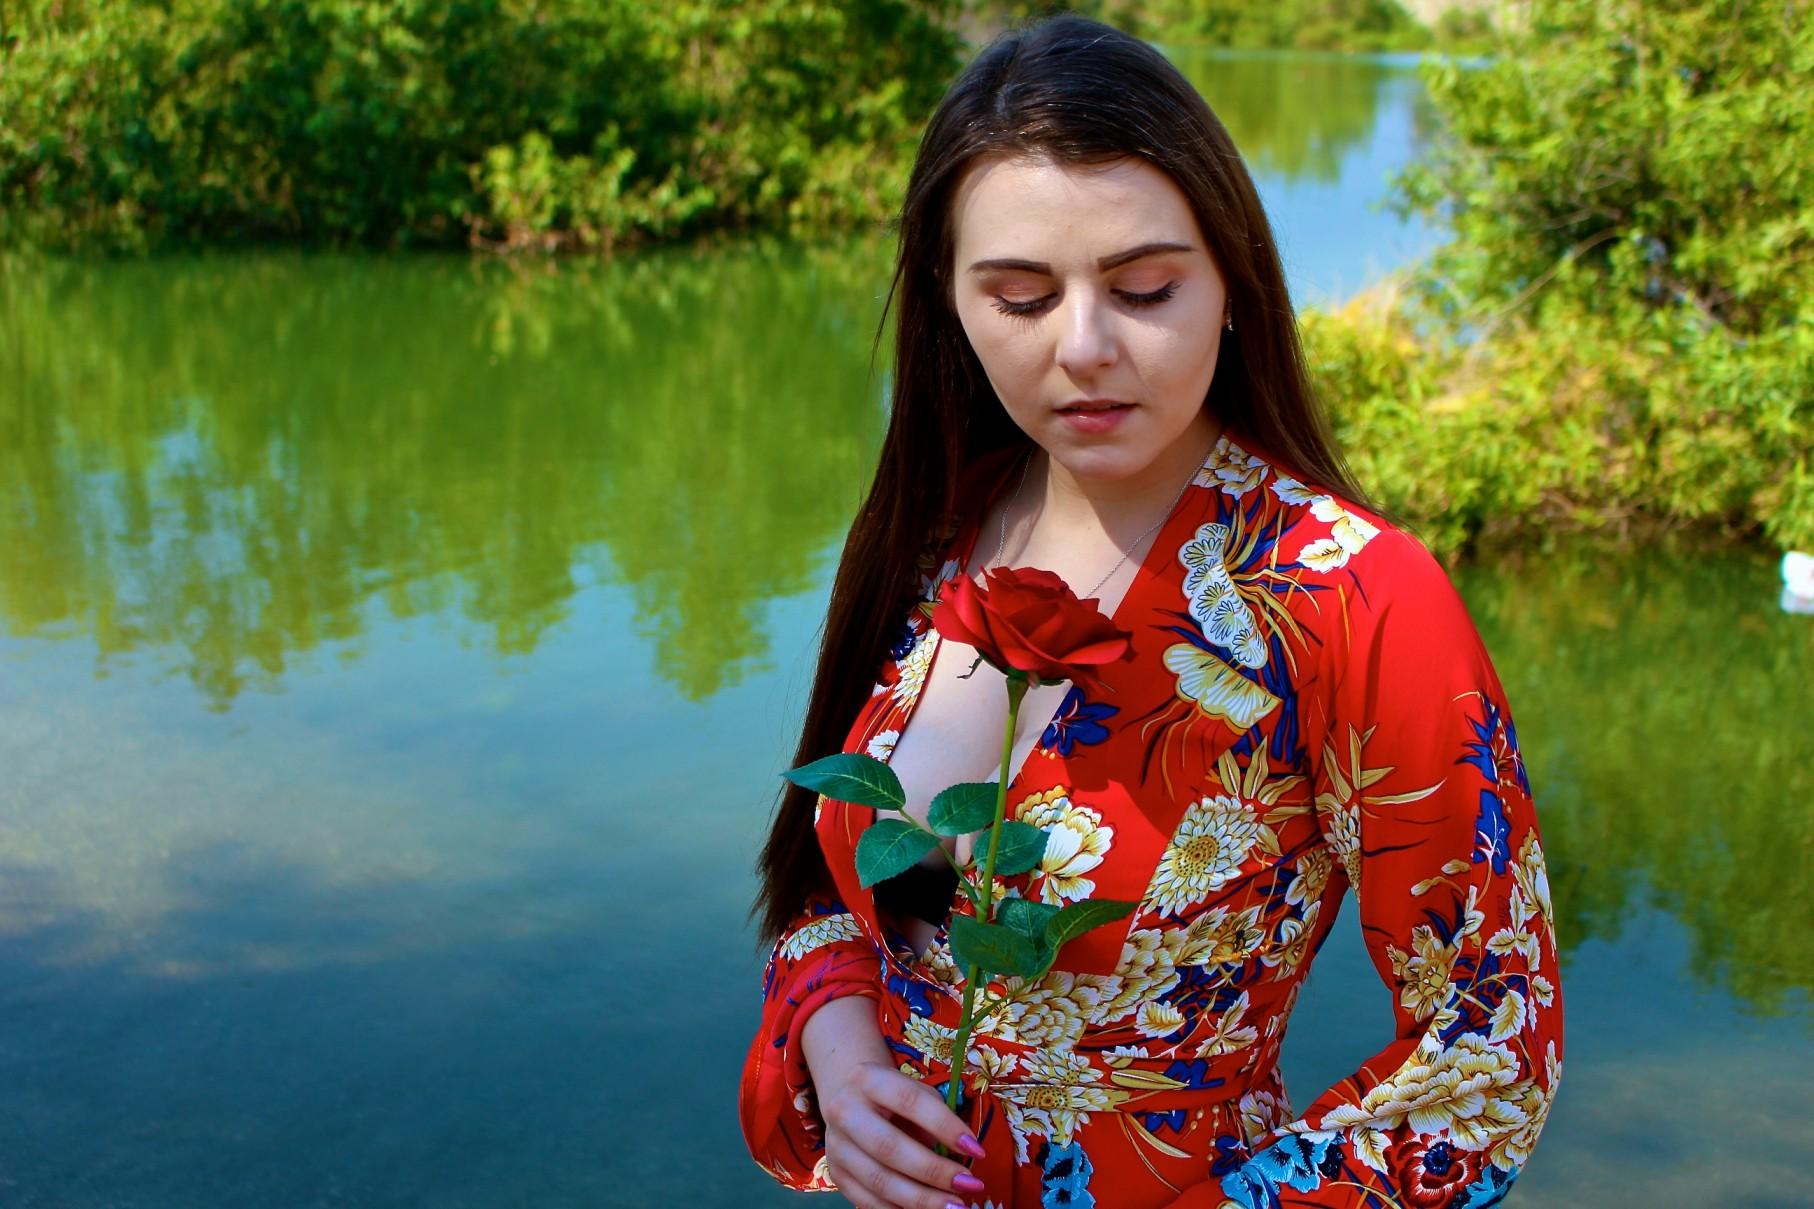 Tana Rose